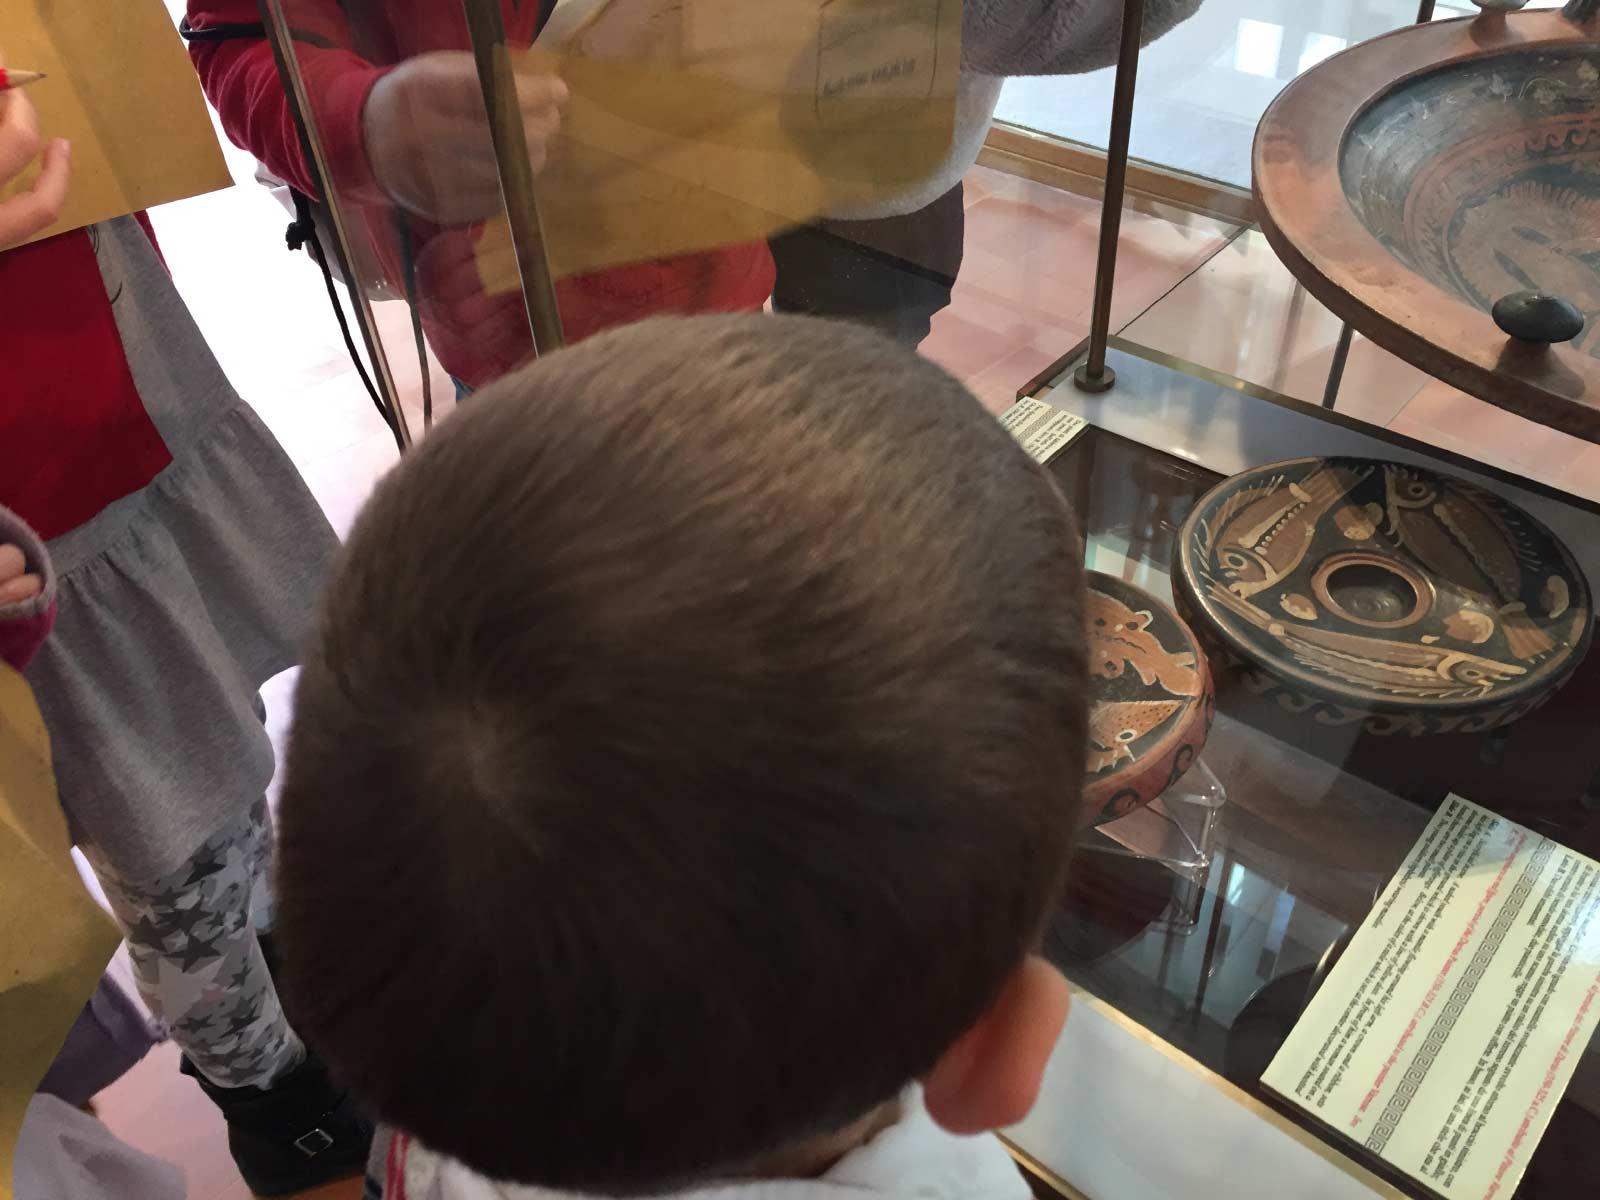 Un gruppo di bambini osserva i piatti da pesce a figure rosse in una delle vetrine del museo archeologico Pietro Griffo di Agrigento